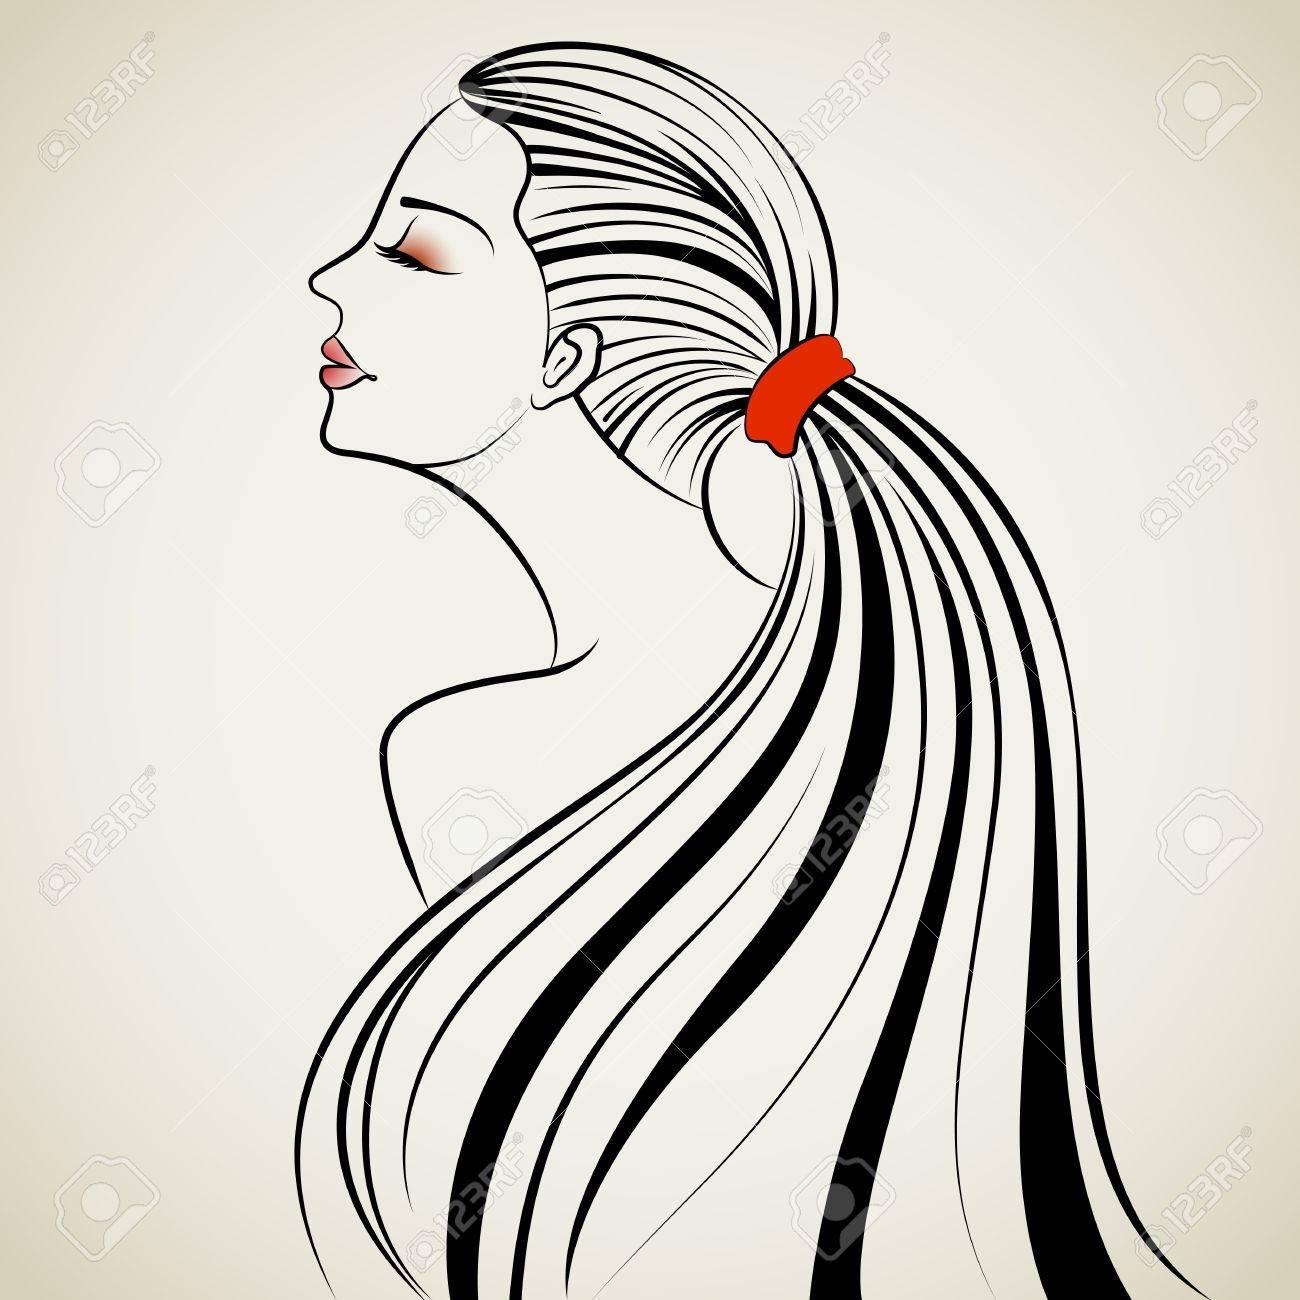 髪型と美しい女性のイラストのイラスト素材ベクタ Image 14732220